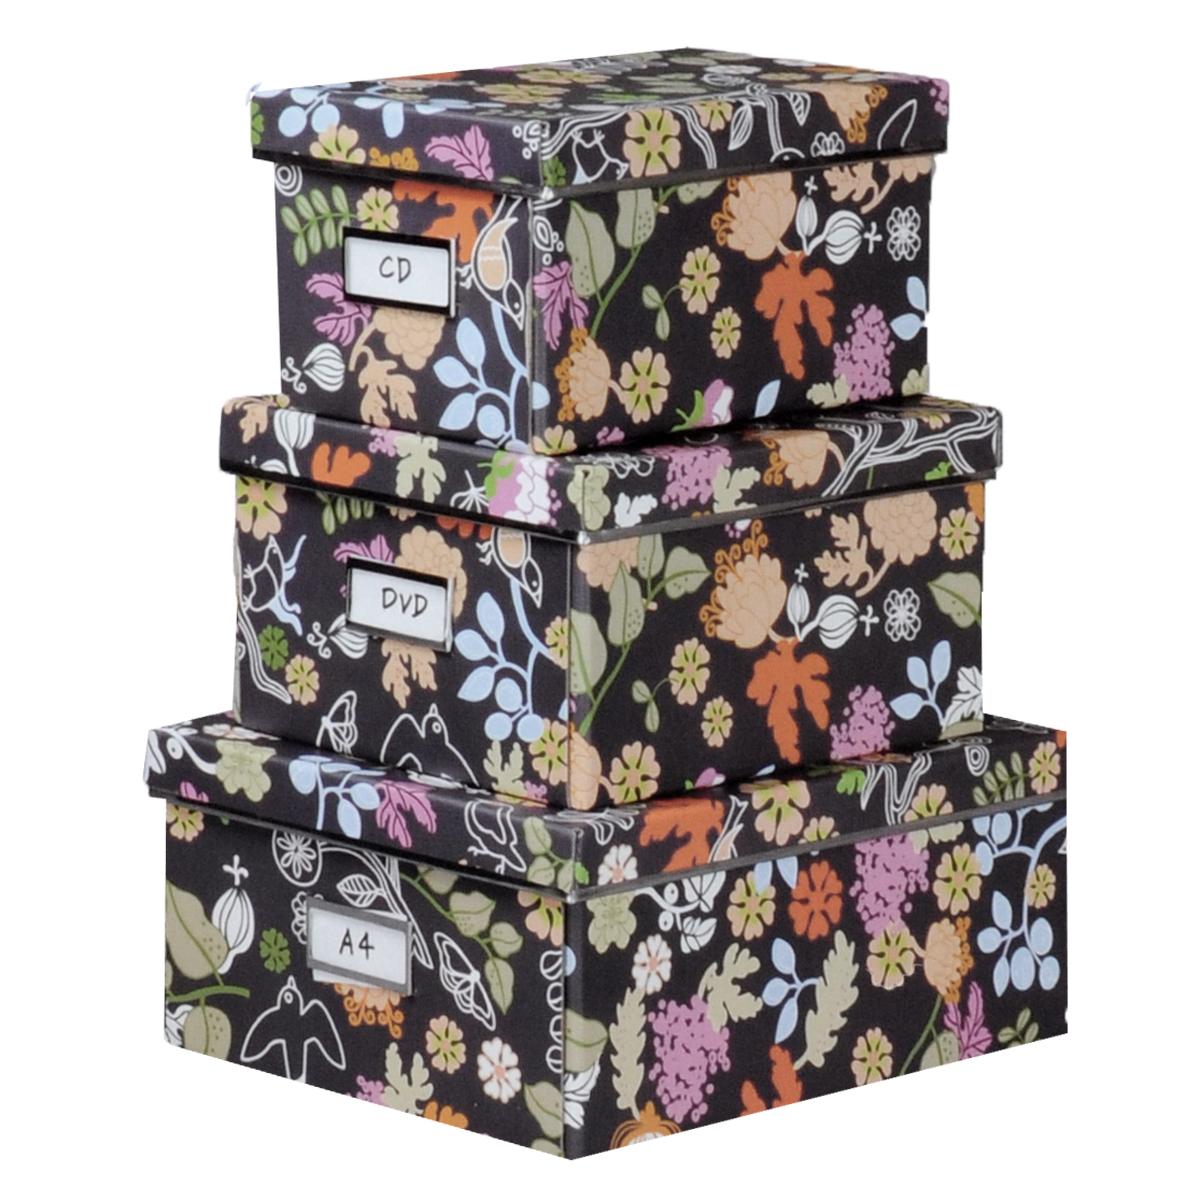 Набор коробок для хранения Цветущий сад, 3 штБрелок для ключейКофры для хранения Цветущий сад прекрасно подойдут для хранения личных вещей, различных аксессуаров, а также бытовых предметов. В комплекте 3 прямоугольных кофра разного размера, с крышками. Изделия выполнены из плотного картона, внешняя поверхность оформлена красочным цветочным рисунком. Каждая из коробок снабжена специальным окошком, куда можно поместить стикер с пометкой содержимого. Эстетичный дизайн позволит набору гармонично вписаться в любой интерьер.Размер малого кофра: 16 см х 28 см х 14 см. Размер среднего кофра: 21 см х 28 см х 15 см. Размер большого кофра: 25 см х 36 см х 15 см.